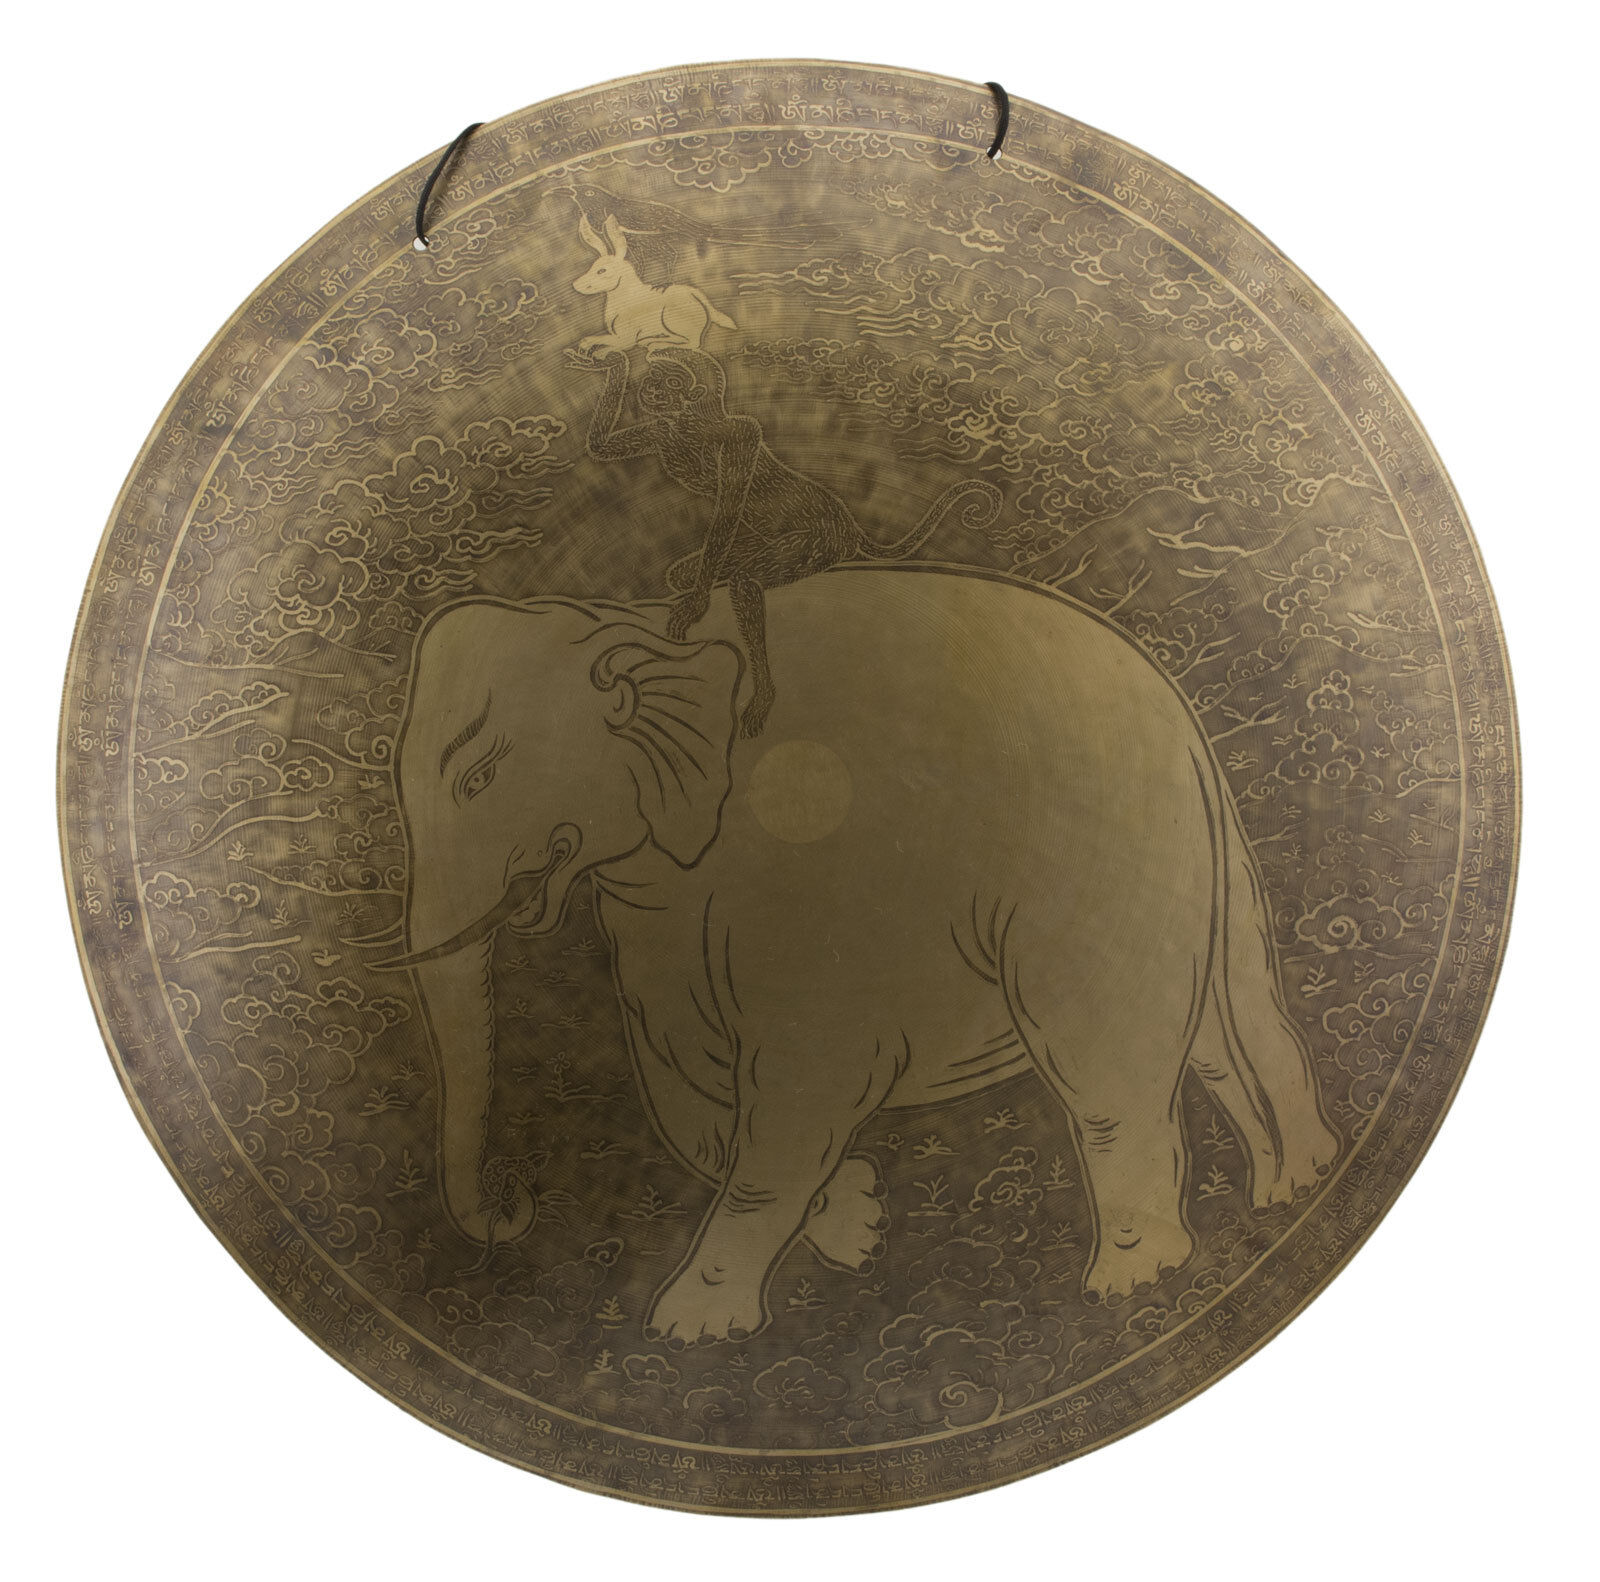 Gong tibetain Amitié éternelle 7 métaux  Ø 65 cm 4kg900 Tibet Nepal 25778 HG 3